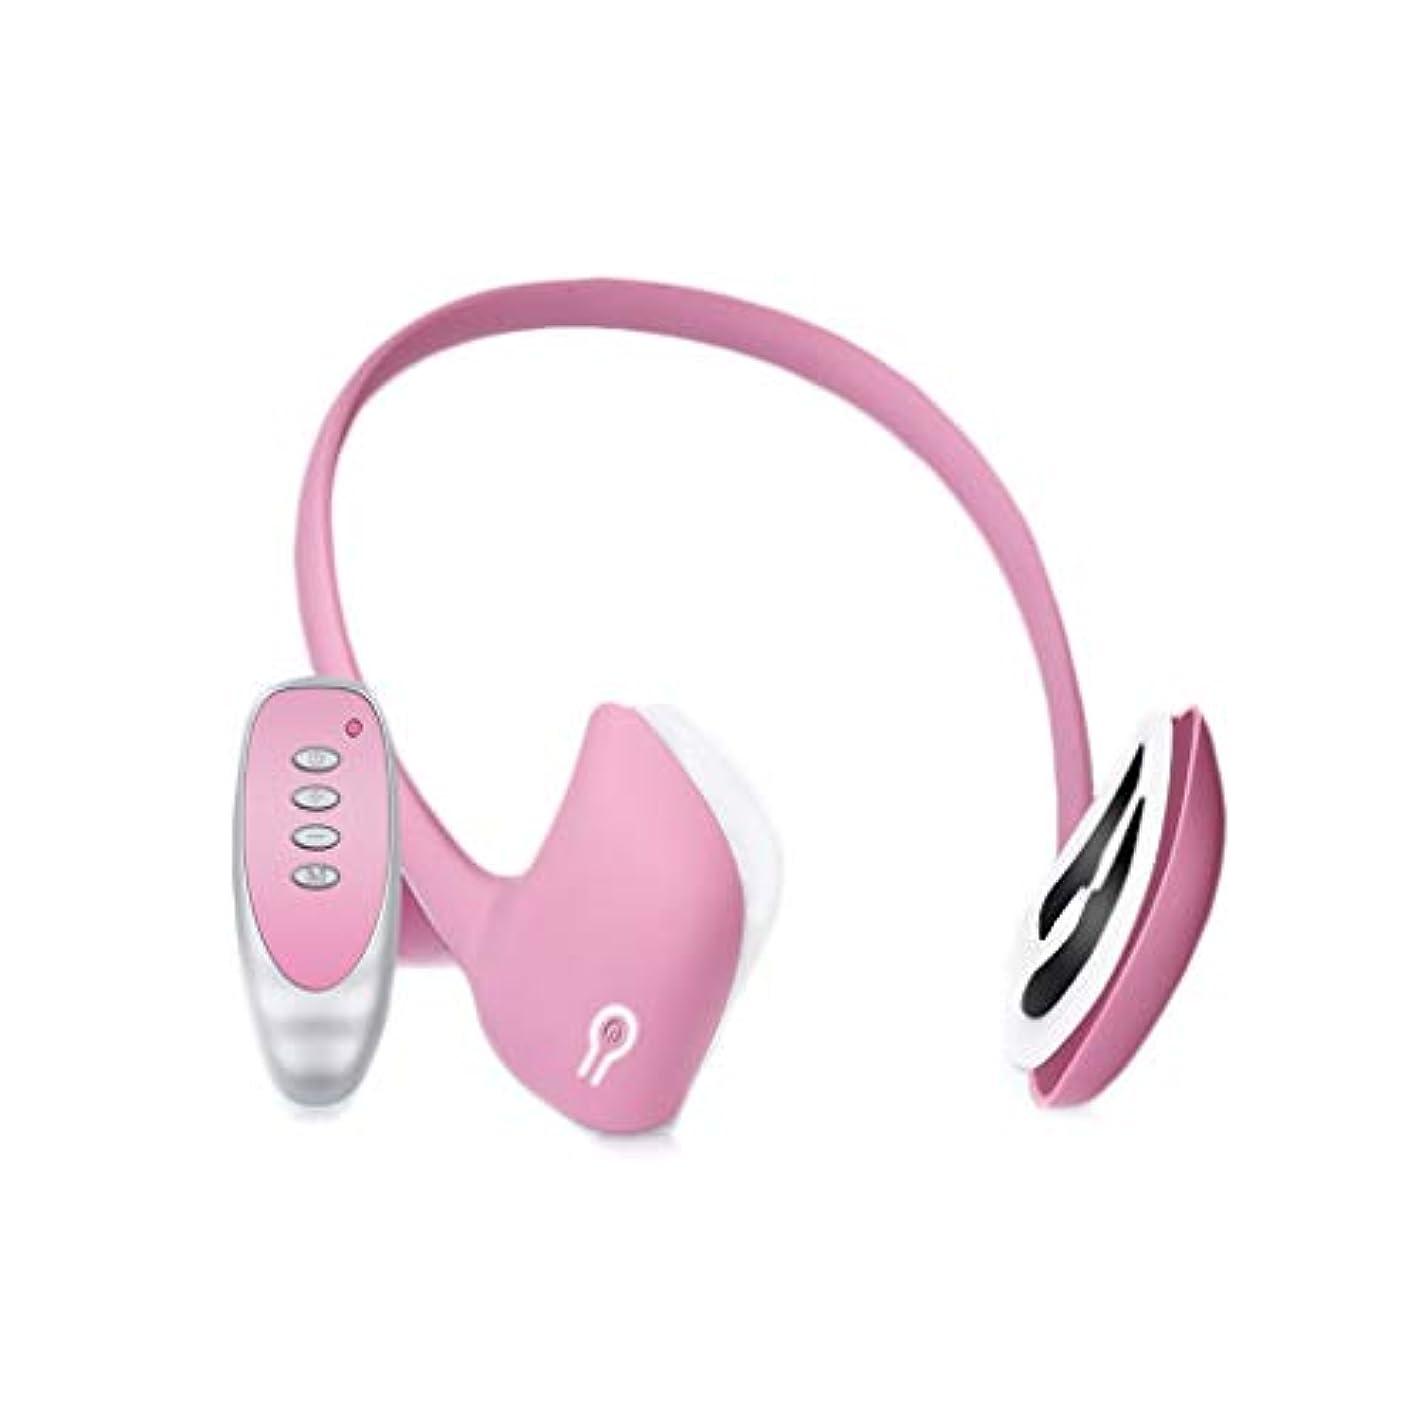 軍状練習したXHLMRMJ フェイスリフティング器具、電動ツールマッサージャー、頬骨の薄い顔の引き締めの改善、フェイスブレース、多機能リフティング、男性と女性の両方に適しています (Color : Pink)